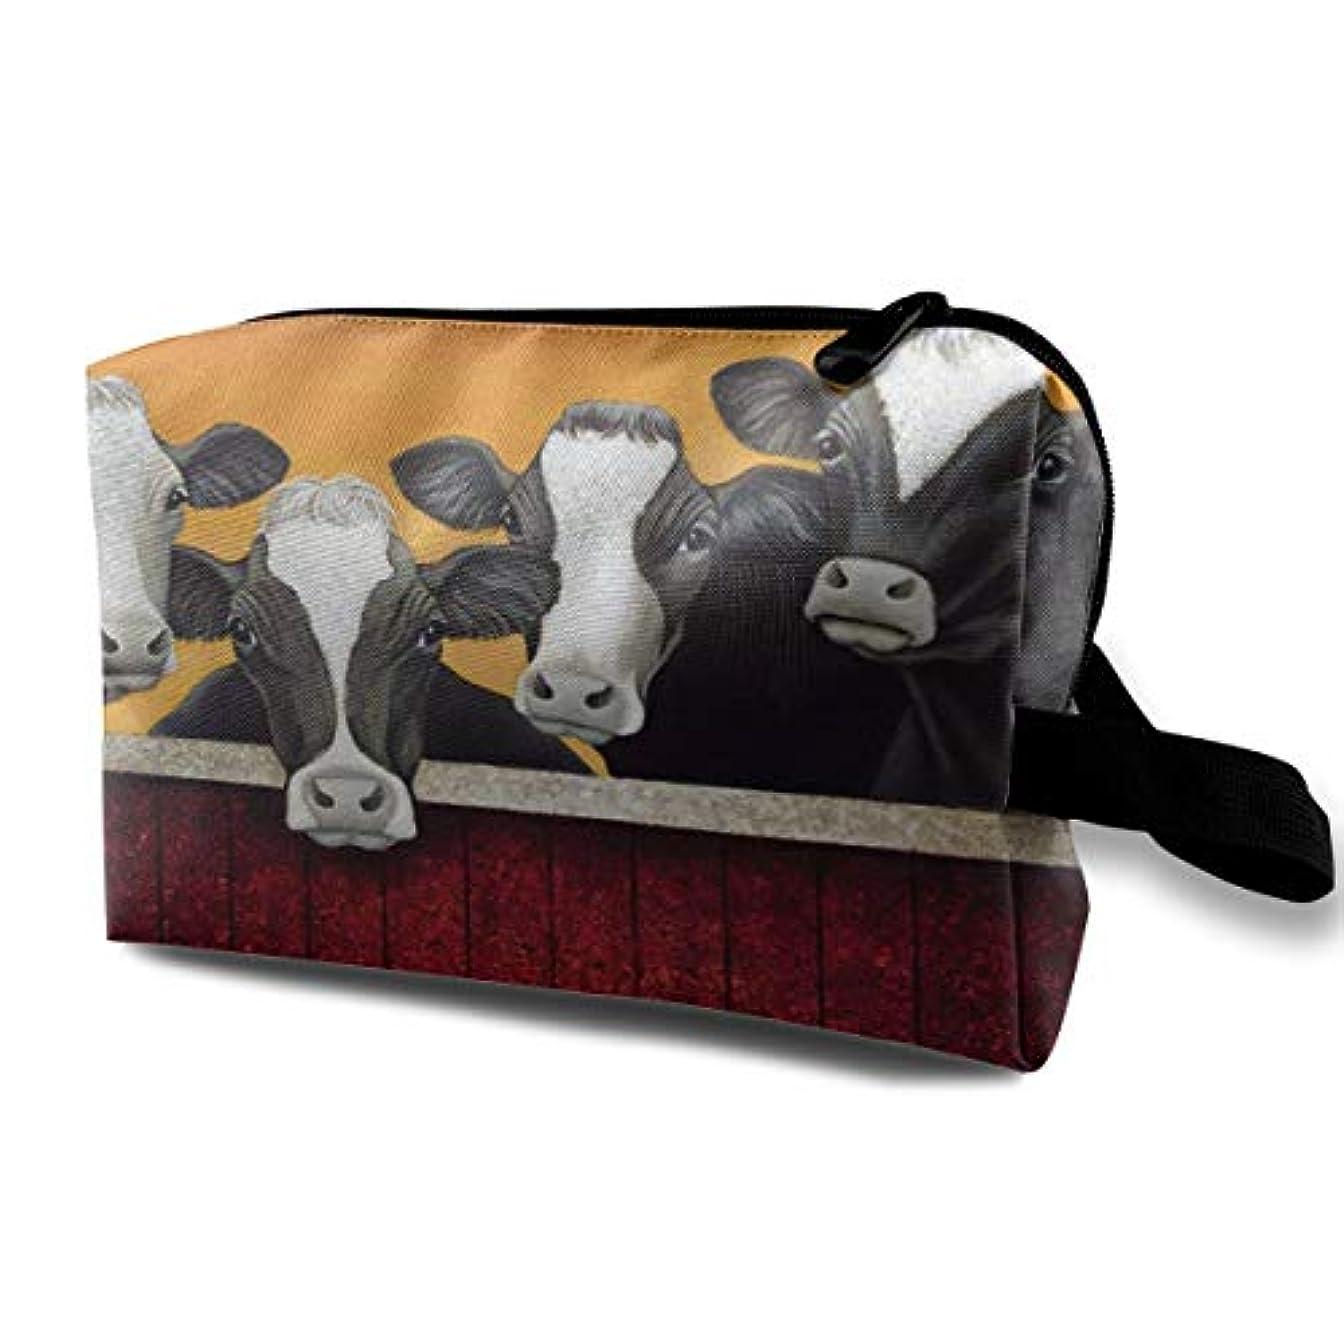 のために冗長差別するFunny Milk Cow 収納ポーチ 化粧ポーチ 大容量 軽量 耐久性 ハンドル付持ち運び便利。入れ 自宅?出張?旅行?アウトドア撮影などに対応。メンズ レディース トラベルグッズ